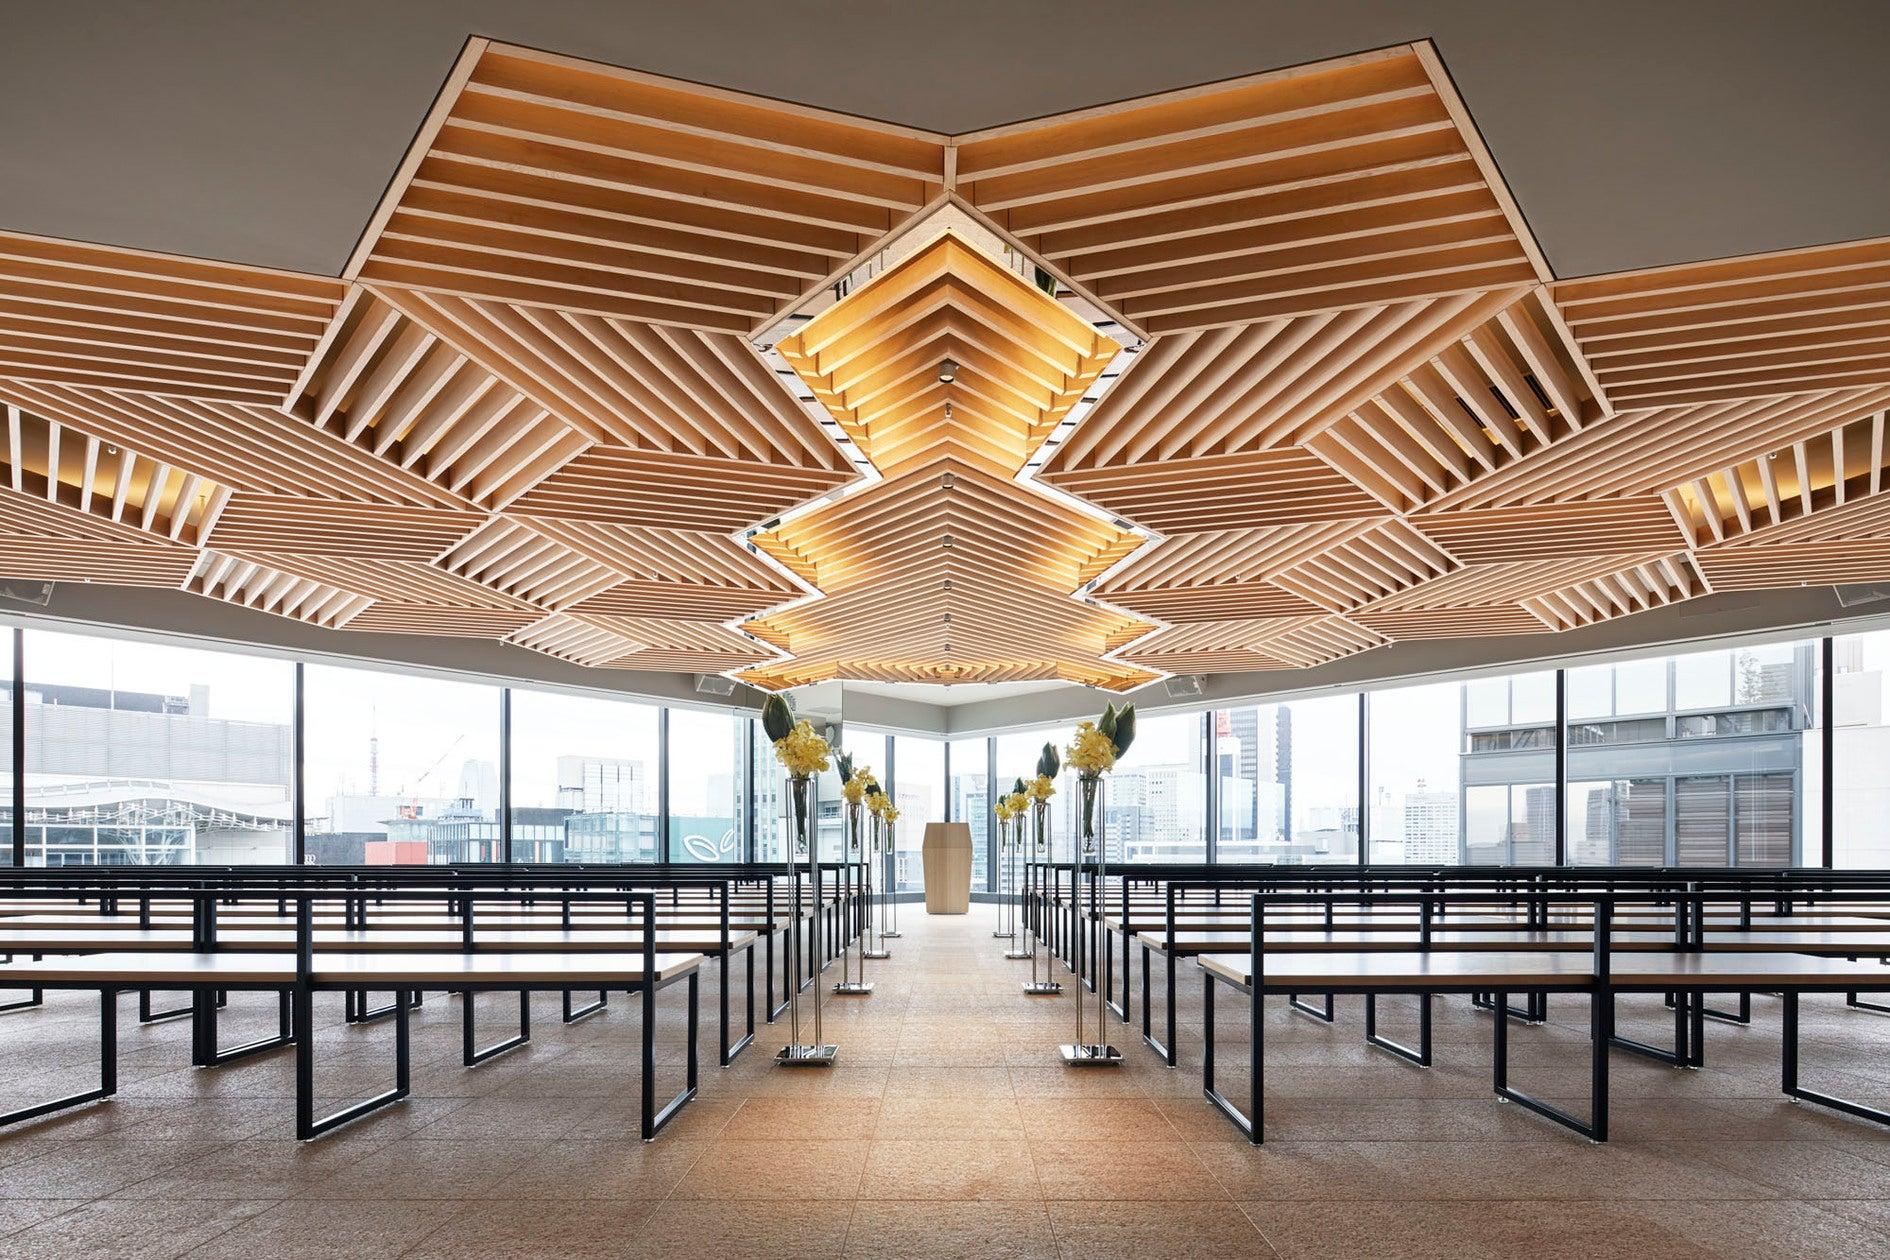 【銀座】多目的ホール(GINZA SIX最上階)高級感あふれる会場は、ブランドの発表会やイベント利用にも。(【銀座】THE GRAND GINZA (GINZA SIX最上階)) の写真0